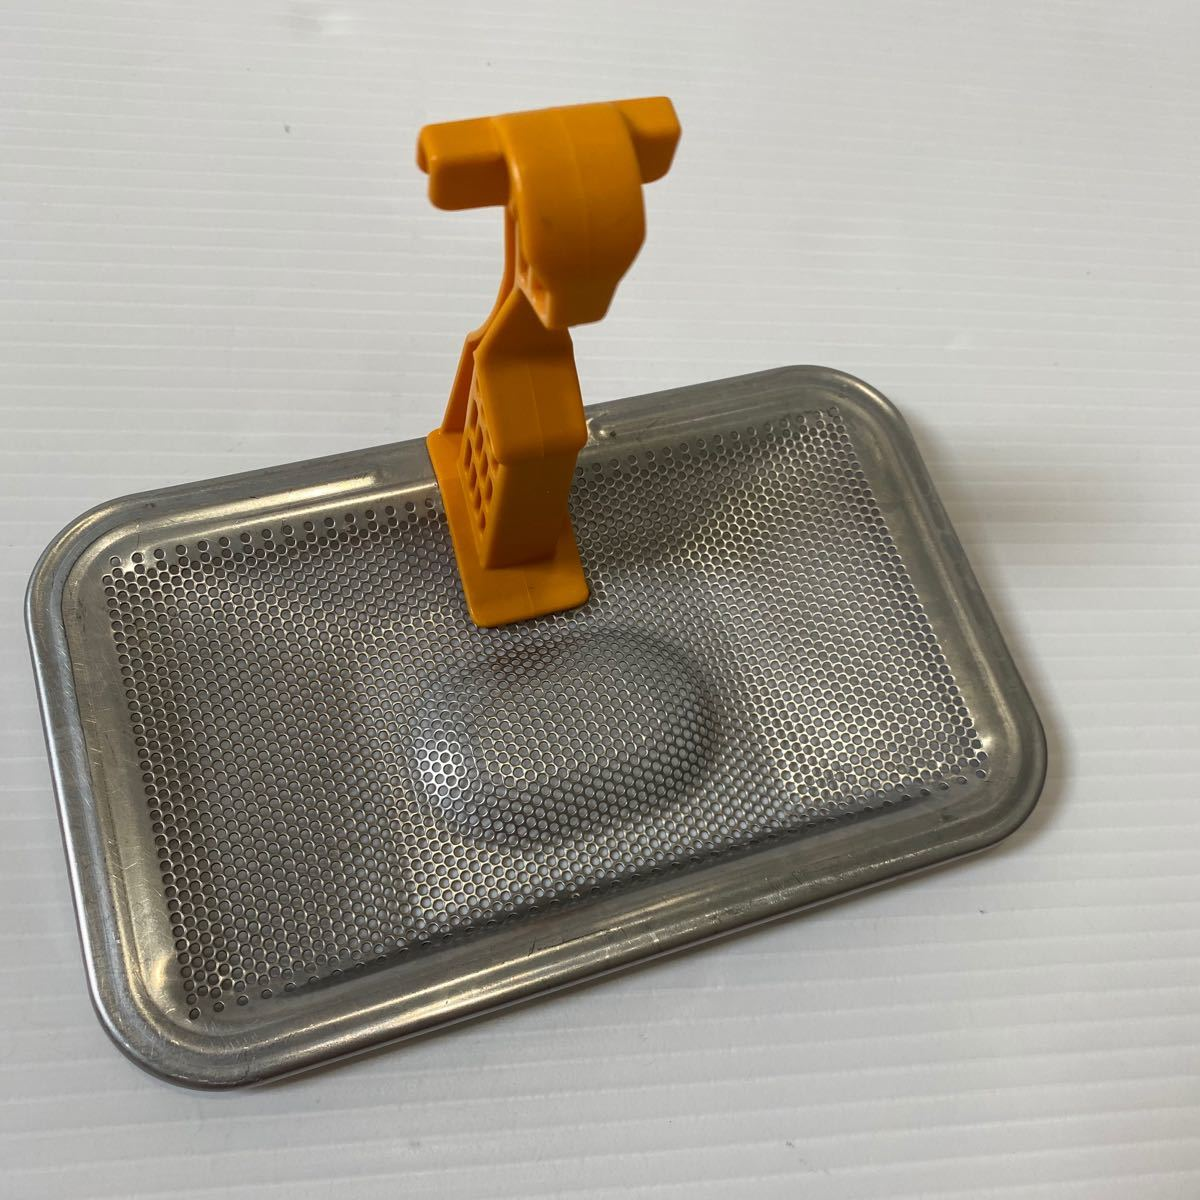 Panasonic パナソニック 食洗機 NP-TR9-W 食器洗い乾燥機